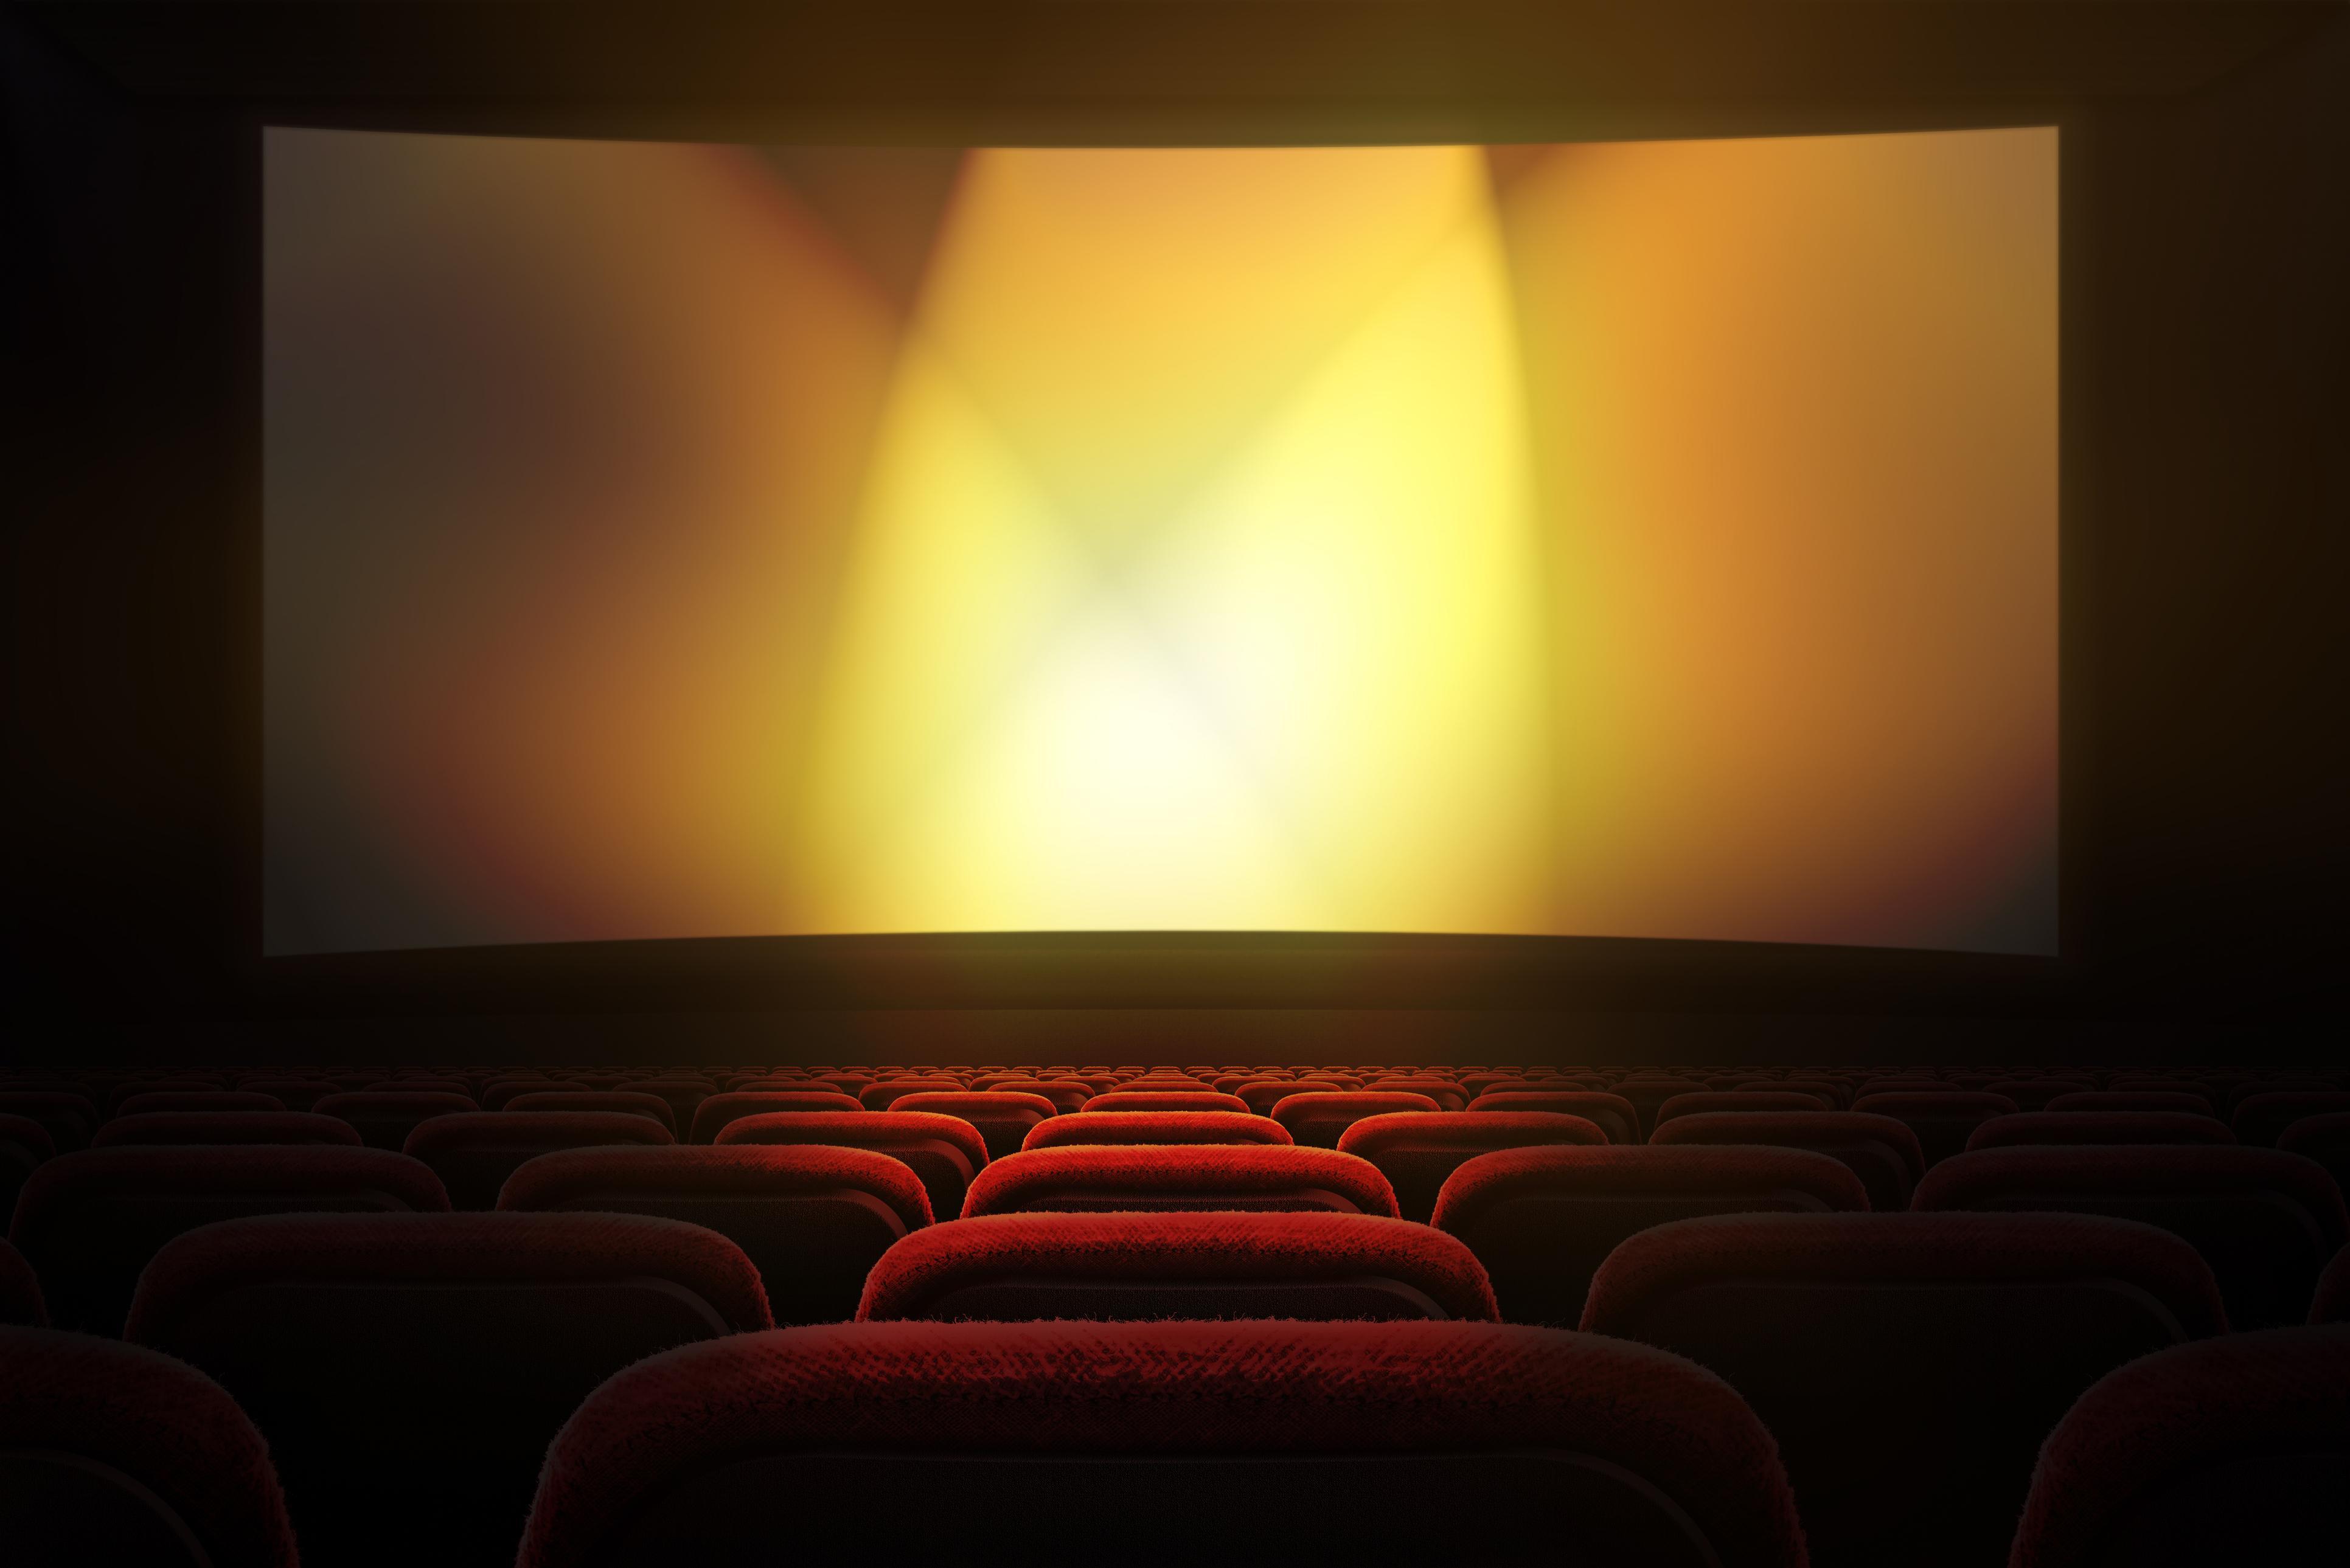 Film, Religion & Culture